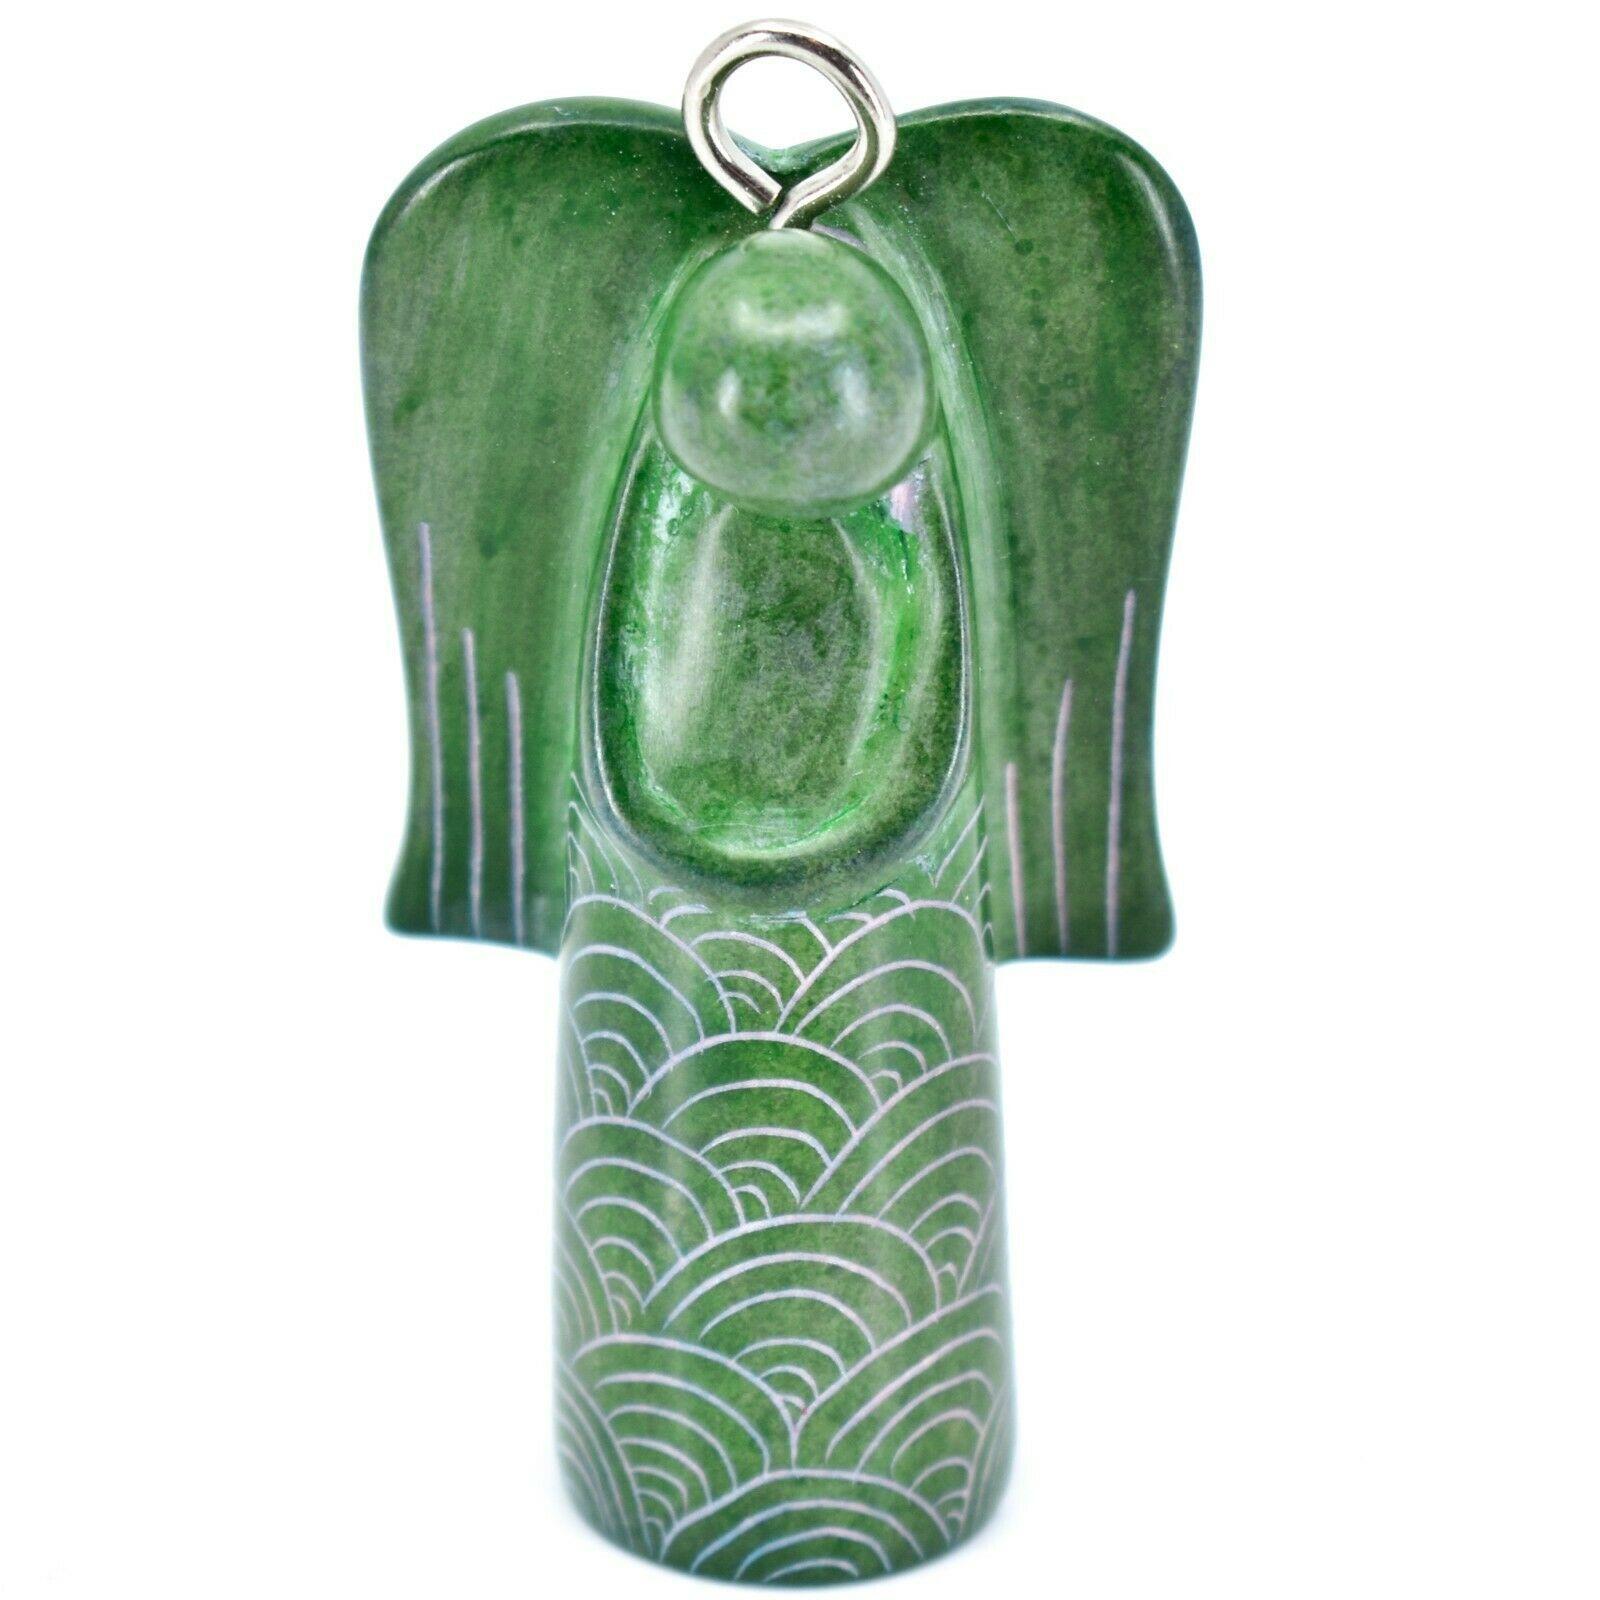 Tabaka Chigware Hand Carved Kisii Soapstone Green Angel Ornament Made in Kenya